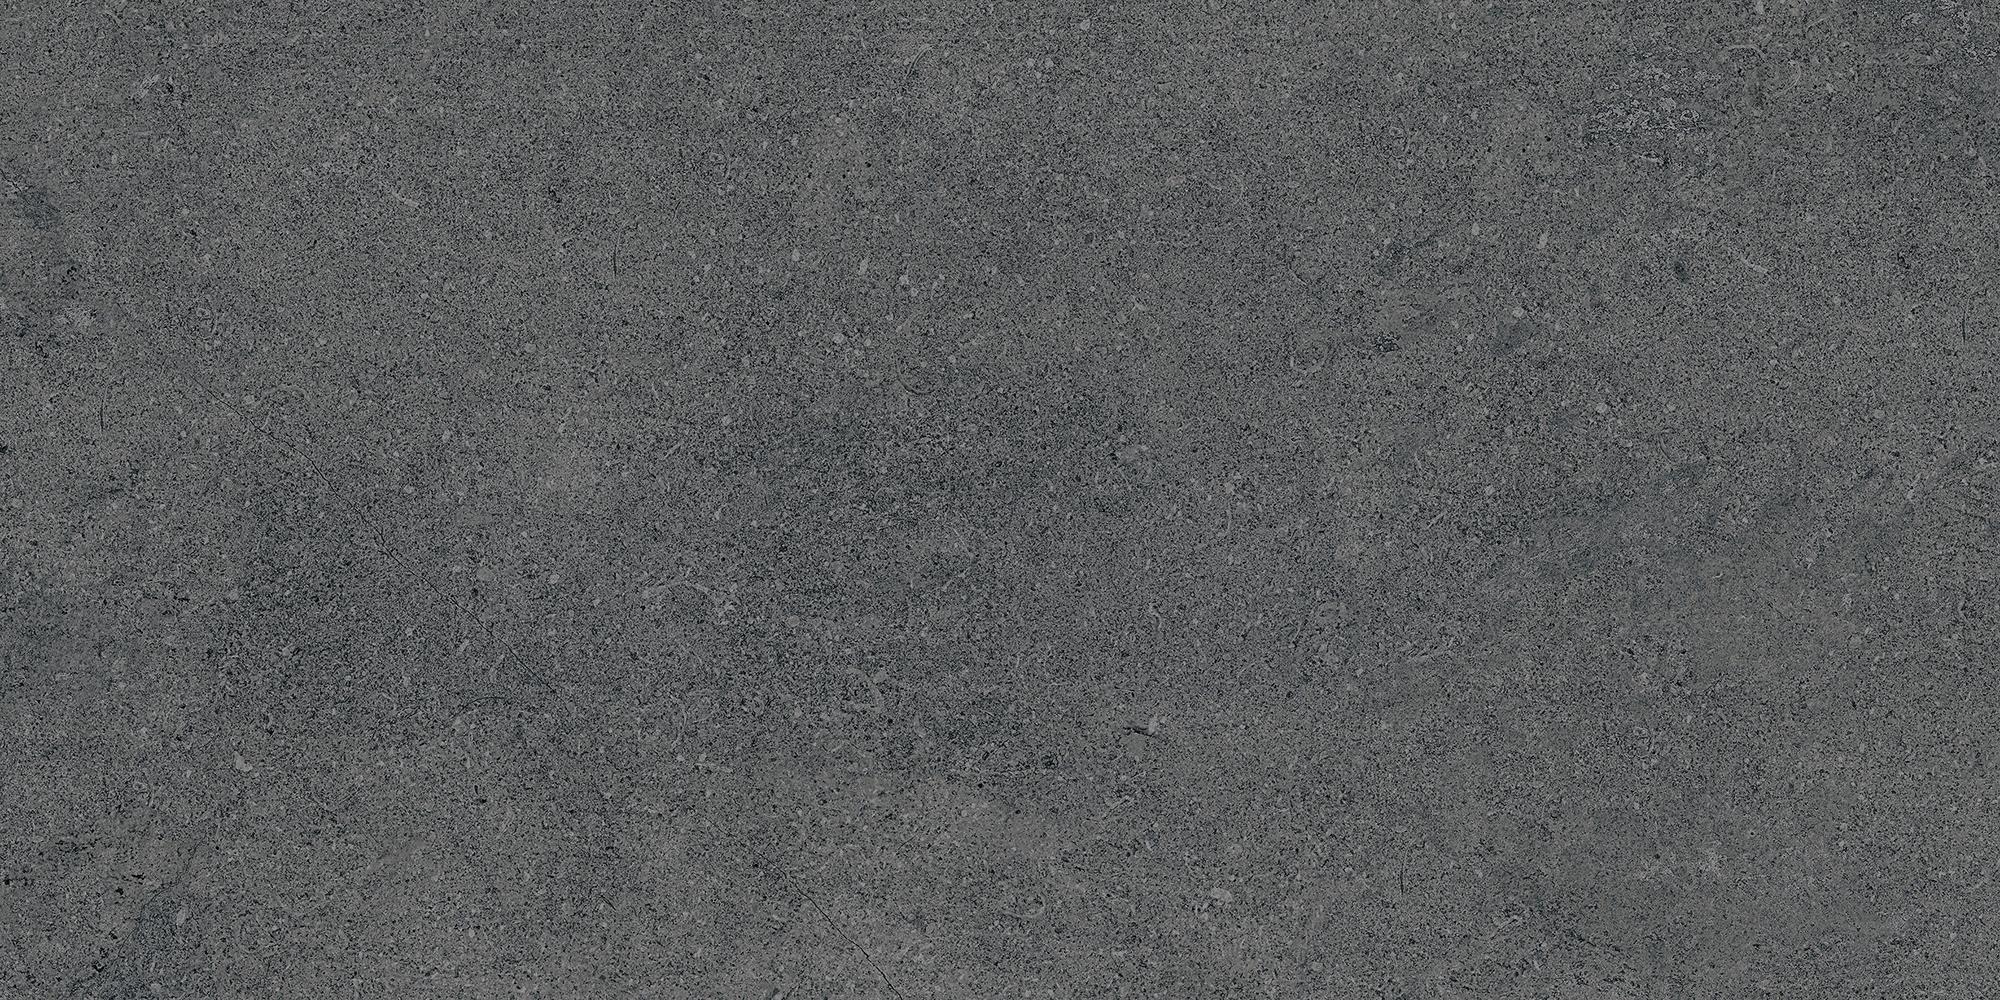 K945751R0001VTE0, Newcon, Tummanharmaa, lattia,pakkasenkesto